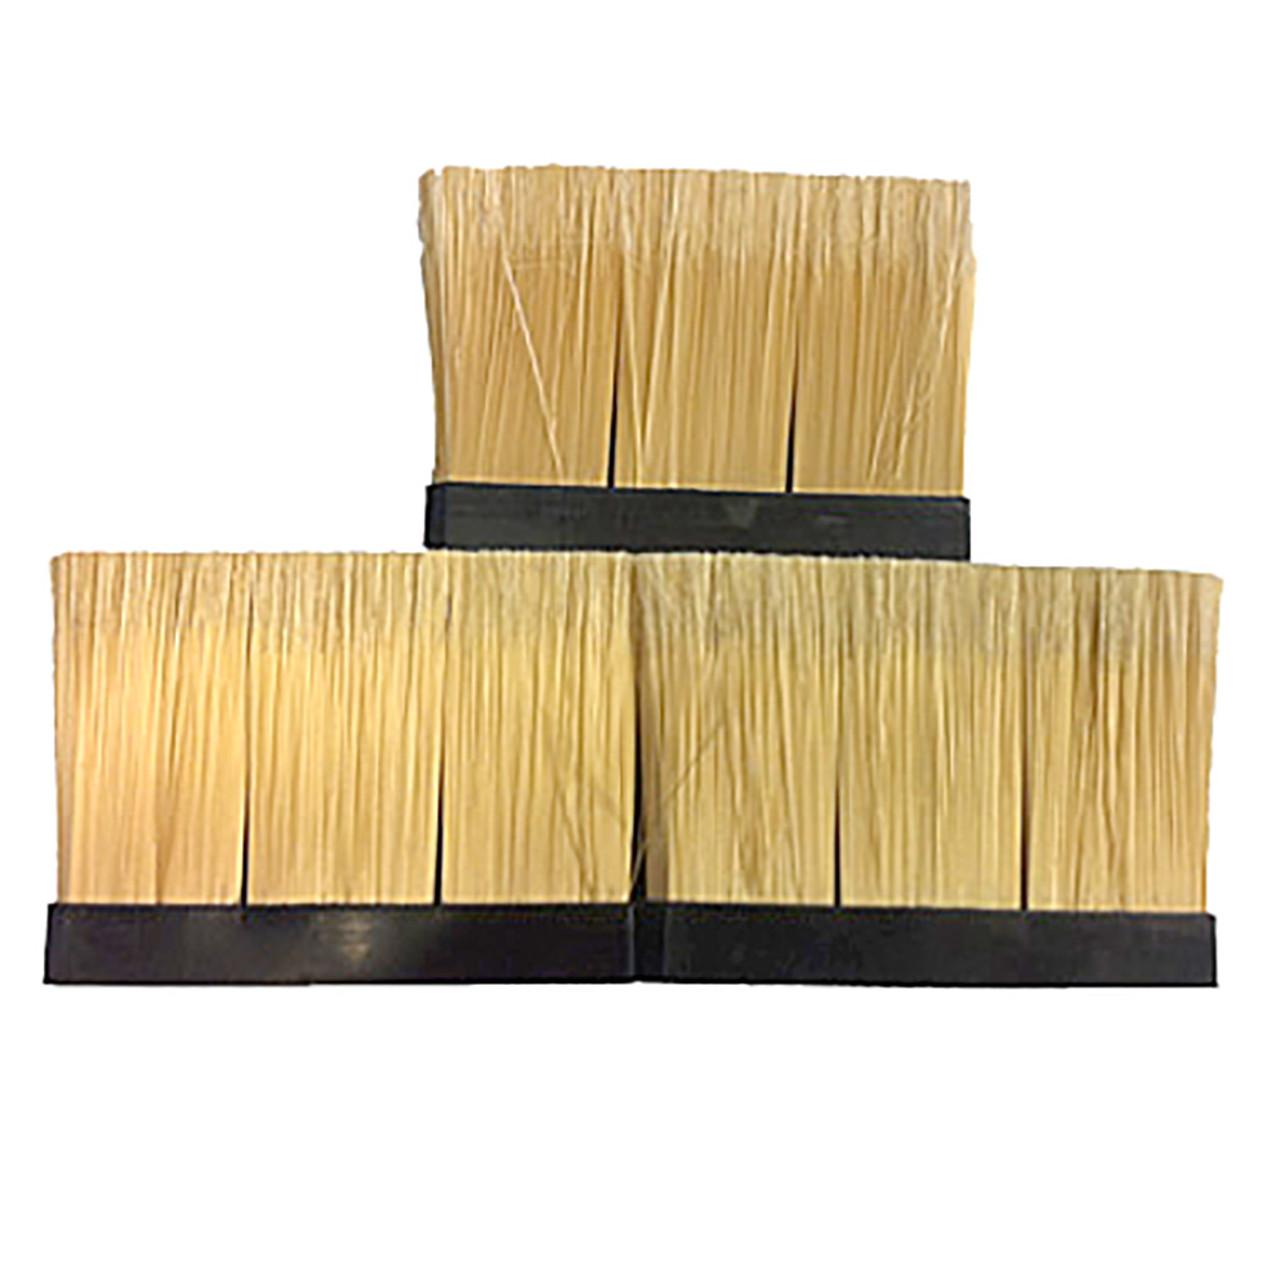 Moistening Brush Set of 3 - NEOPOST / QUADIENT Francotyp Folder Inserter DS-35, SI-30, DS-40i, FPI 600